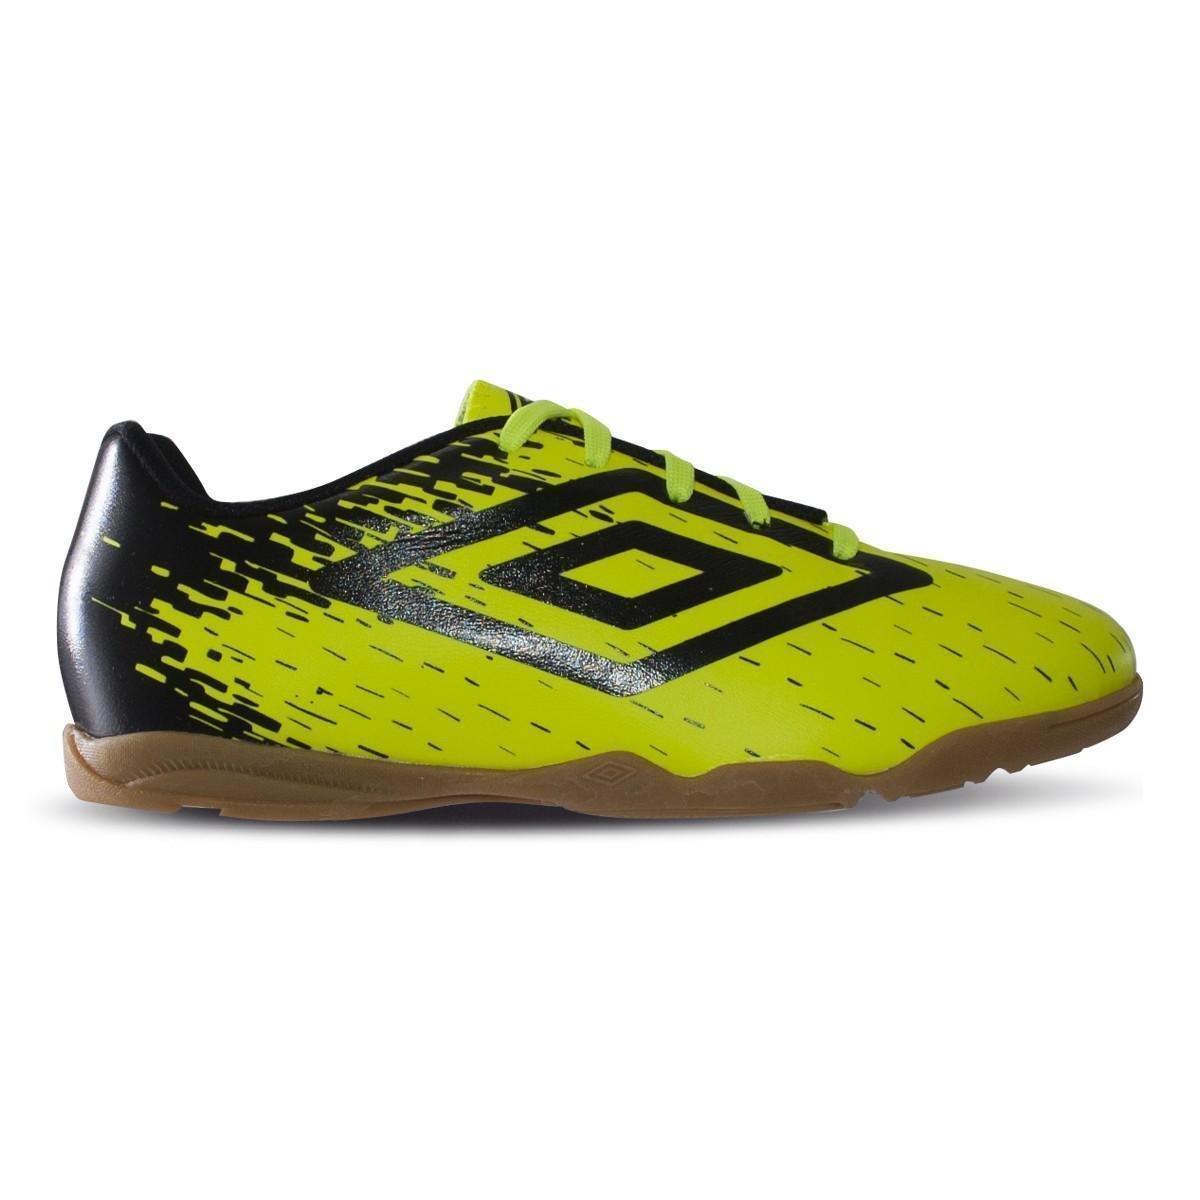 a983d37e7 Chuteira Futsal Umbro Acid Infantil - Verde e Preto - Compre Agora ...